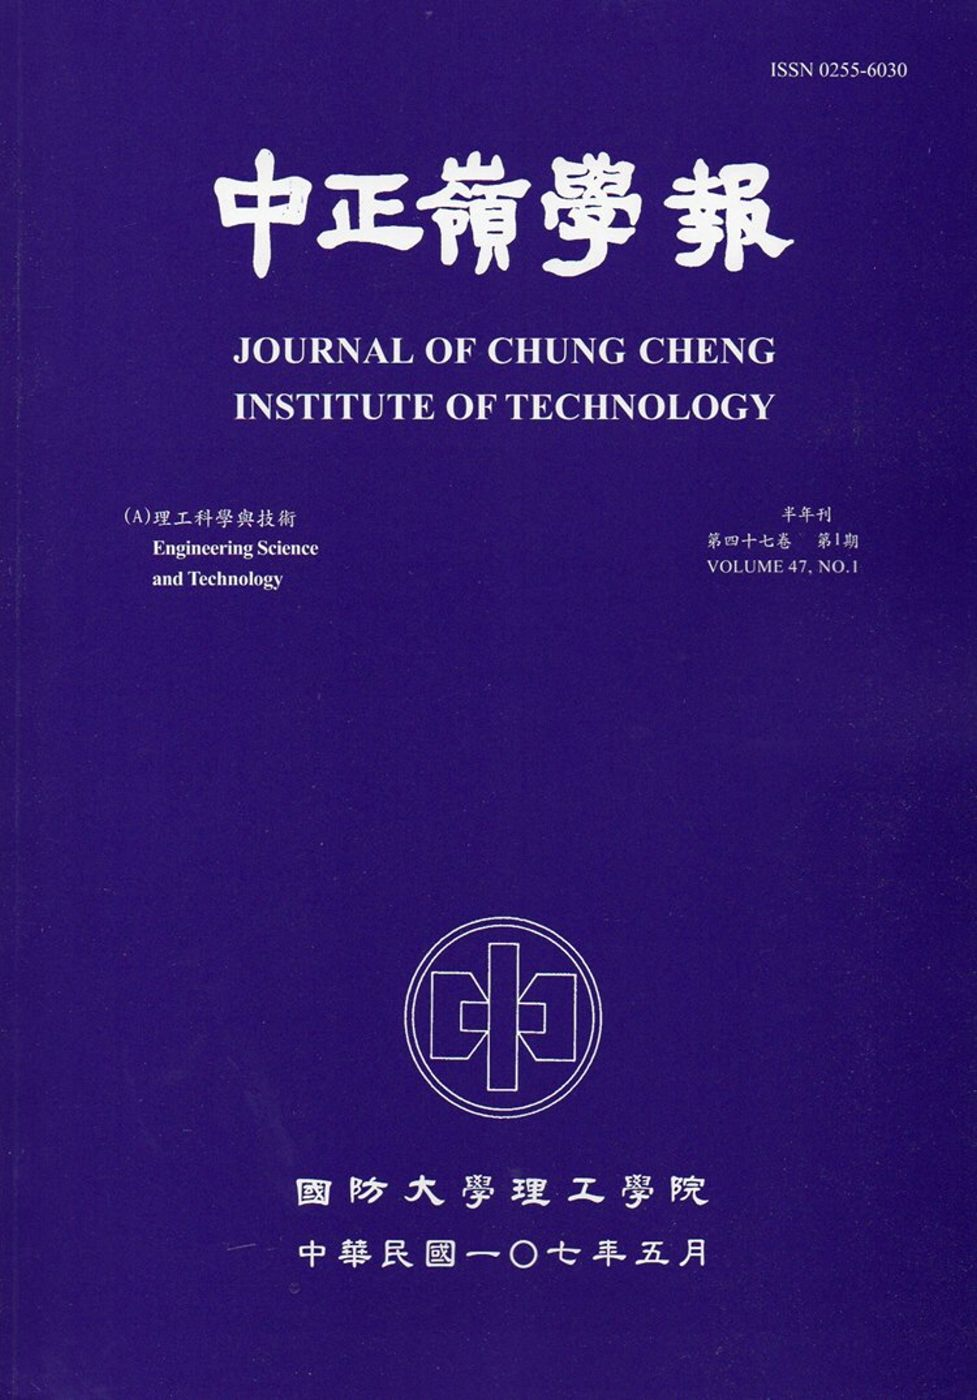 中正嶺學報47卷1期(107/05)